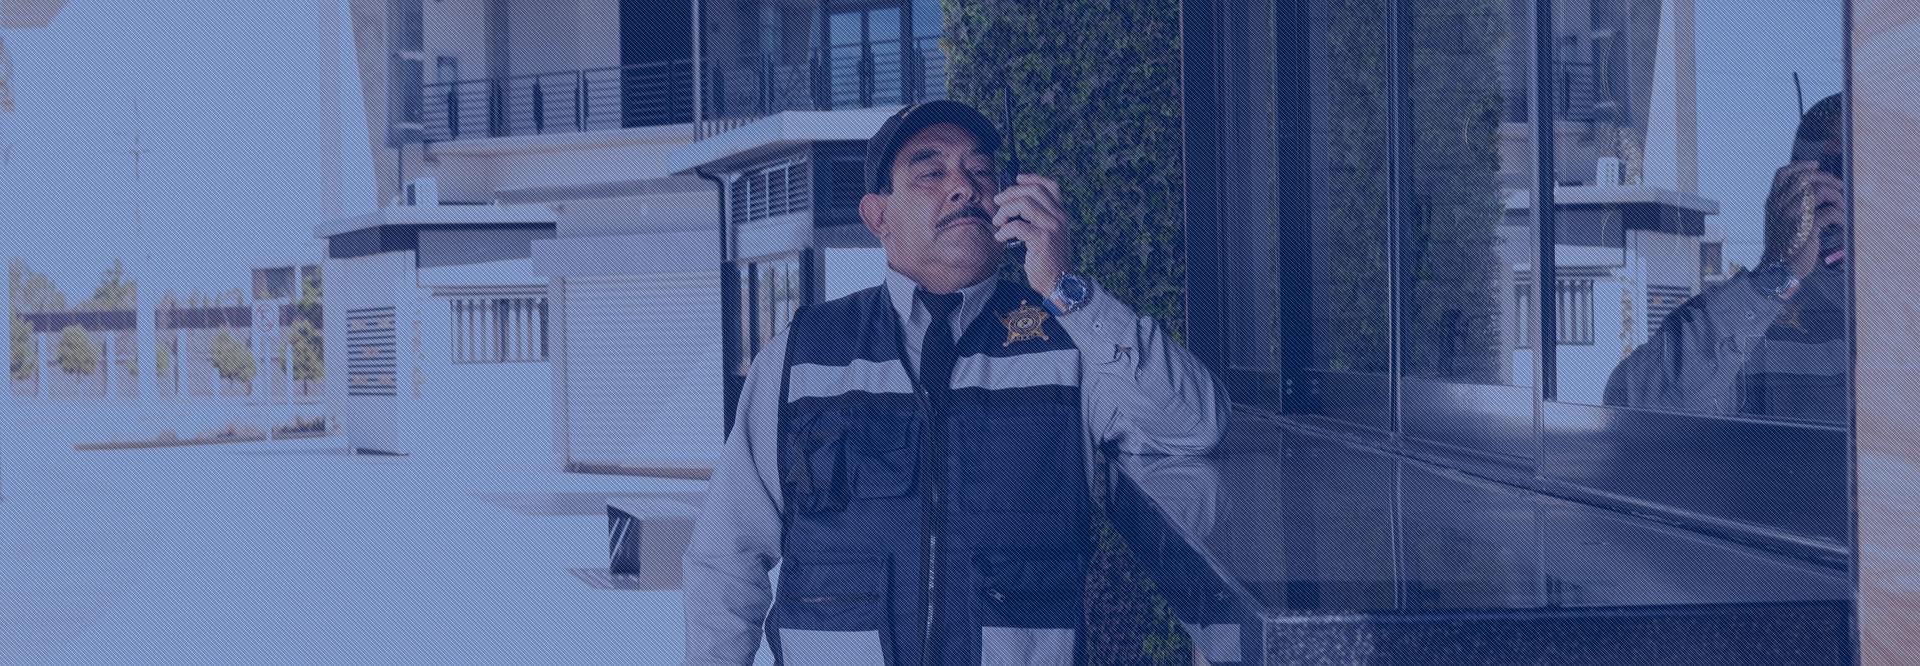 ¿Qué preparación deben tener un guardia de seguridad?